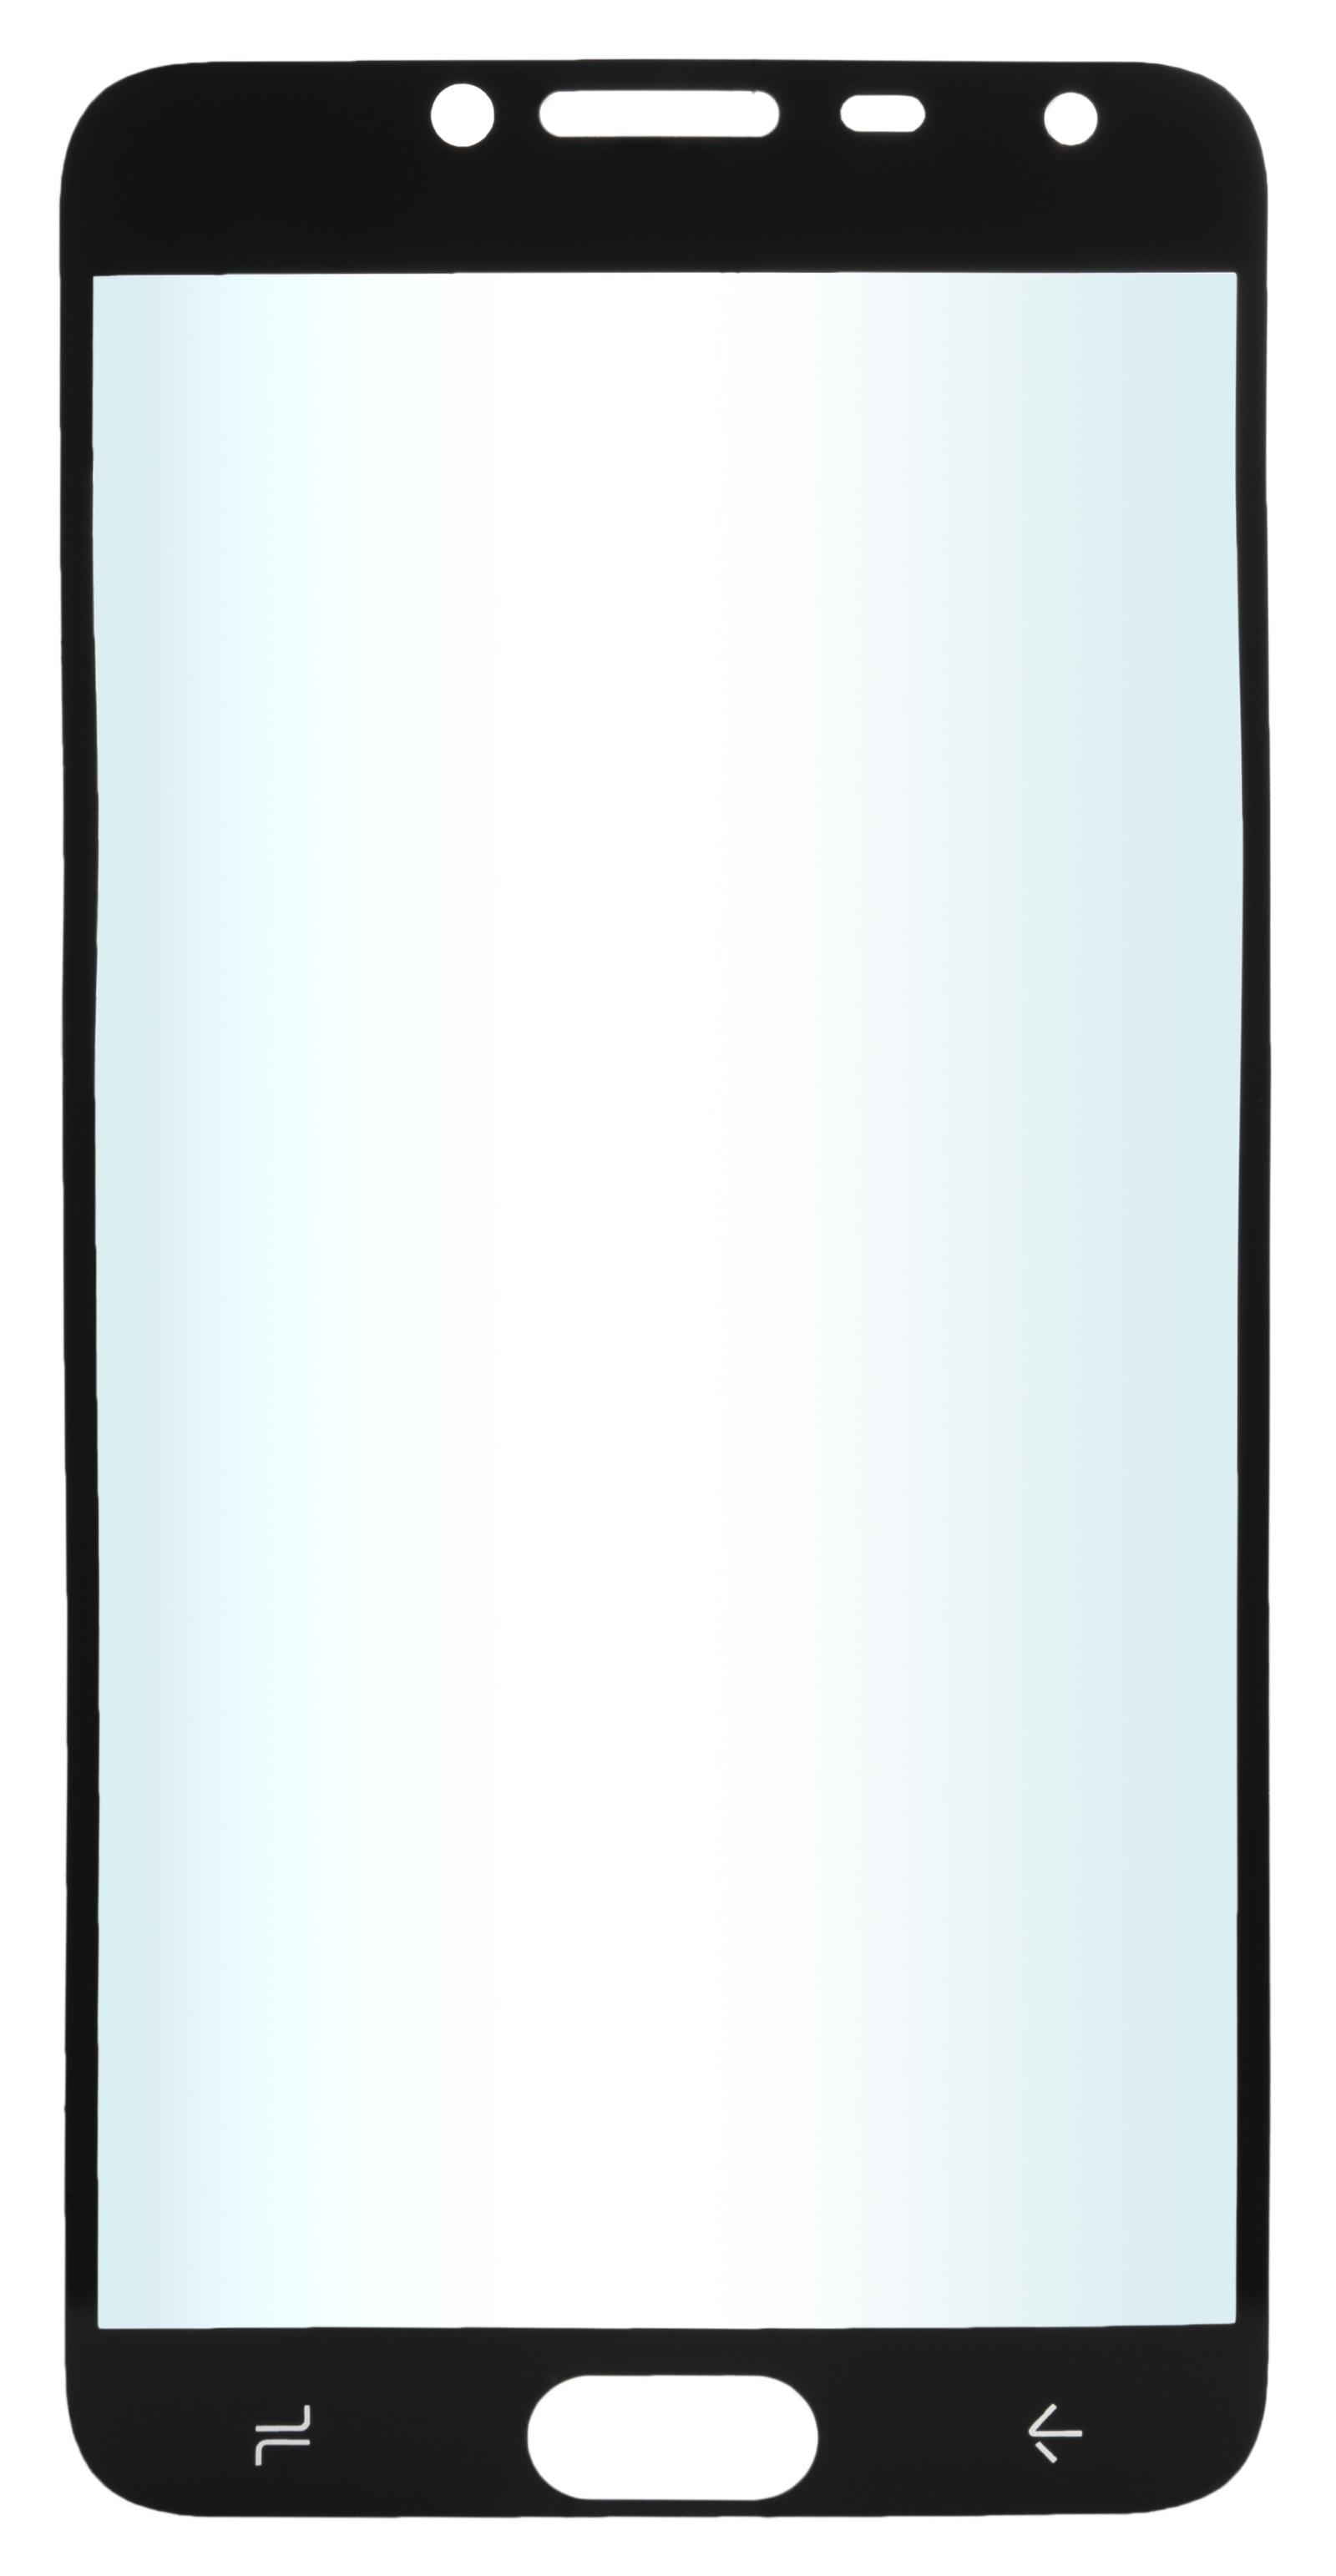 Защитное стекло skinBOX, для Samsung Galaxy J6, 4660041405408, черный защитное стекло skinbox для samsung galaxy j4 4660041405392 черный